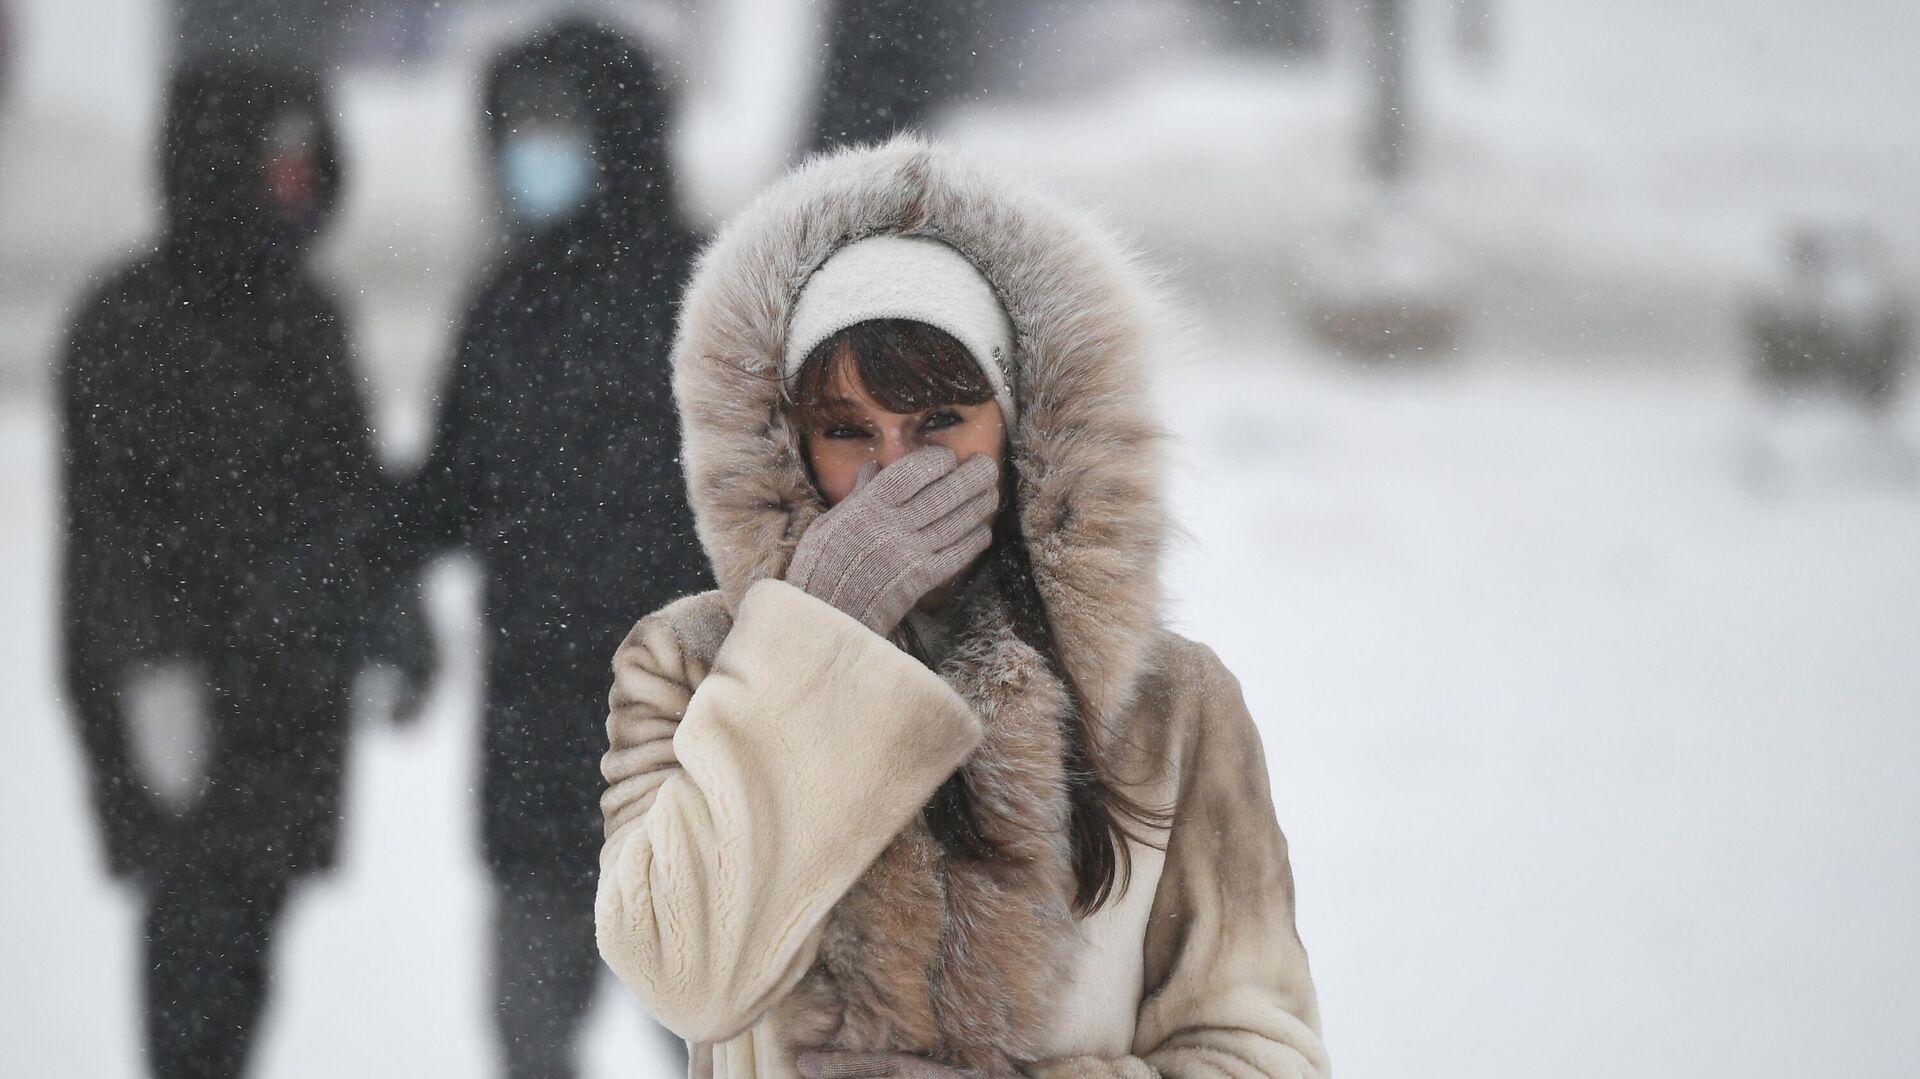 Зима в Москве  - РИА Новости, 1920, 05.03.2021